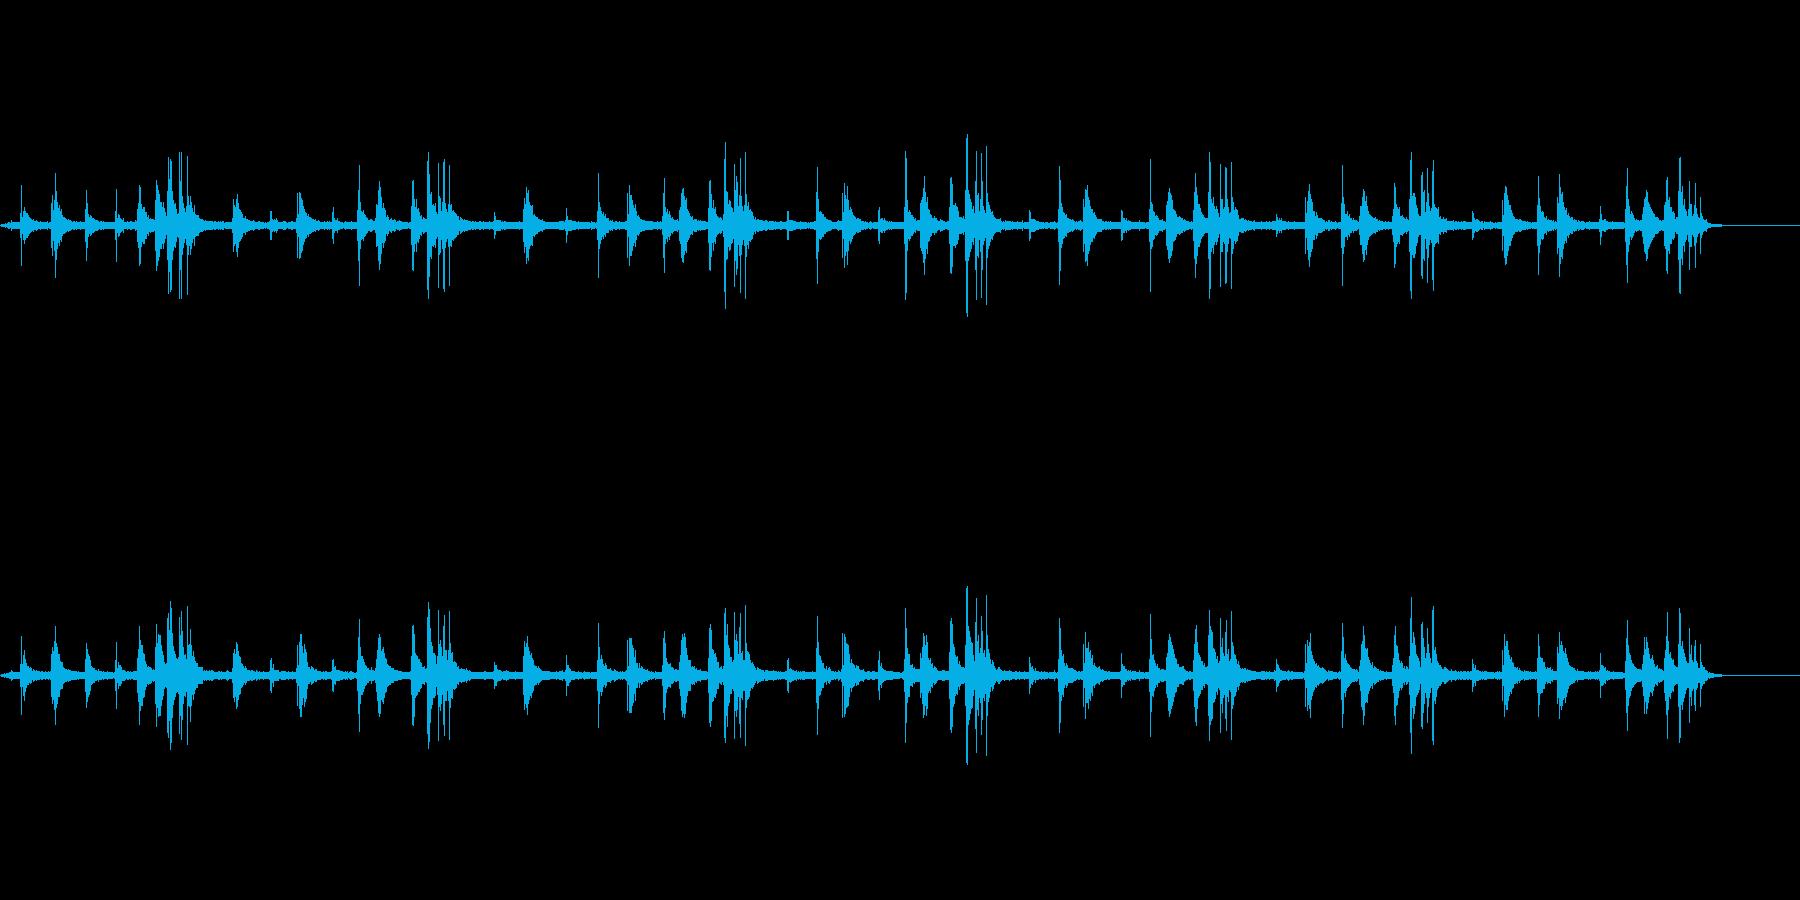 鳥の鳴き声【朝の公園】の再生済みの波形